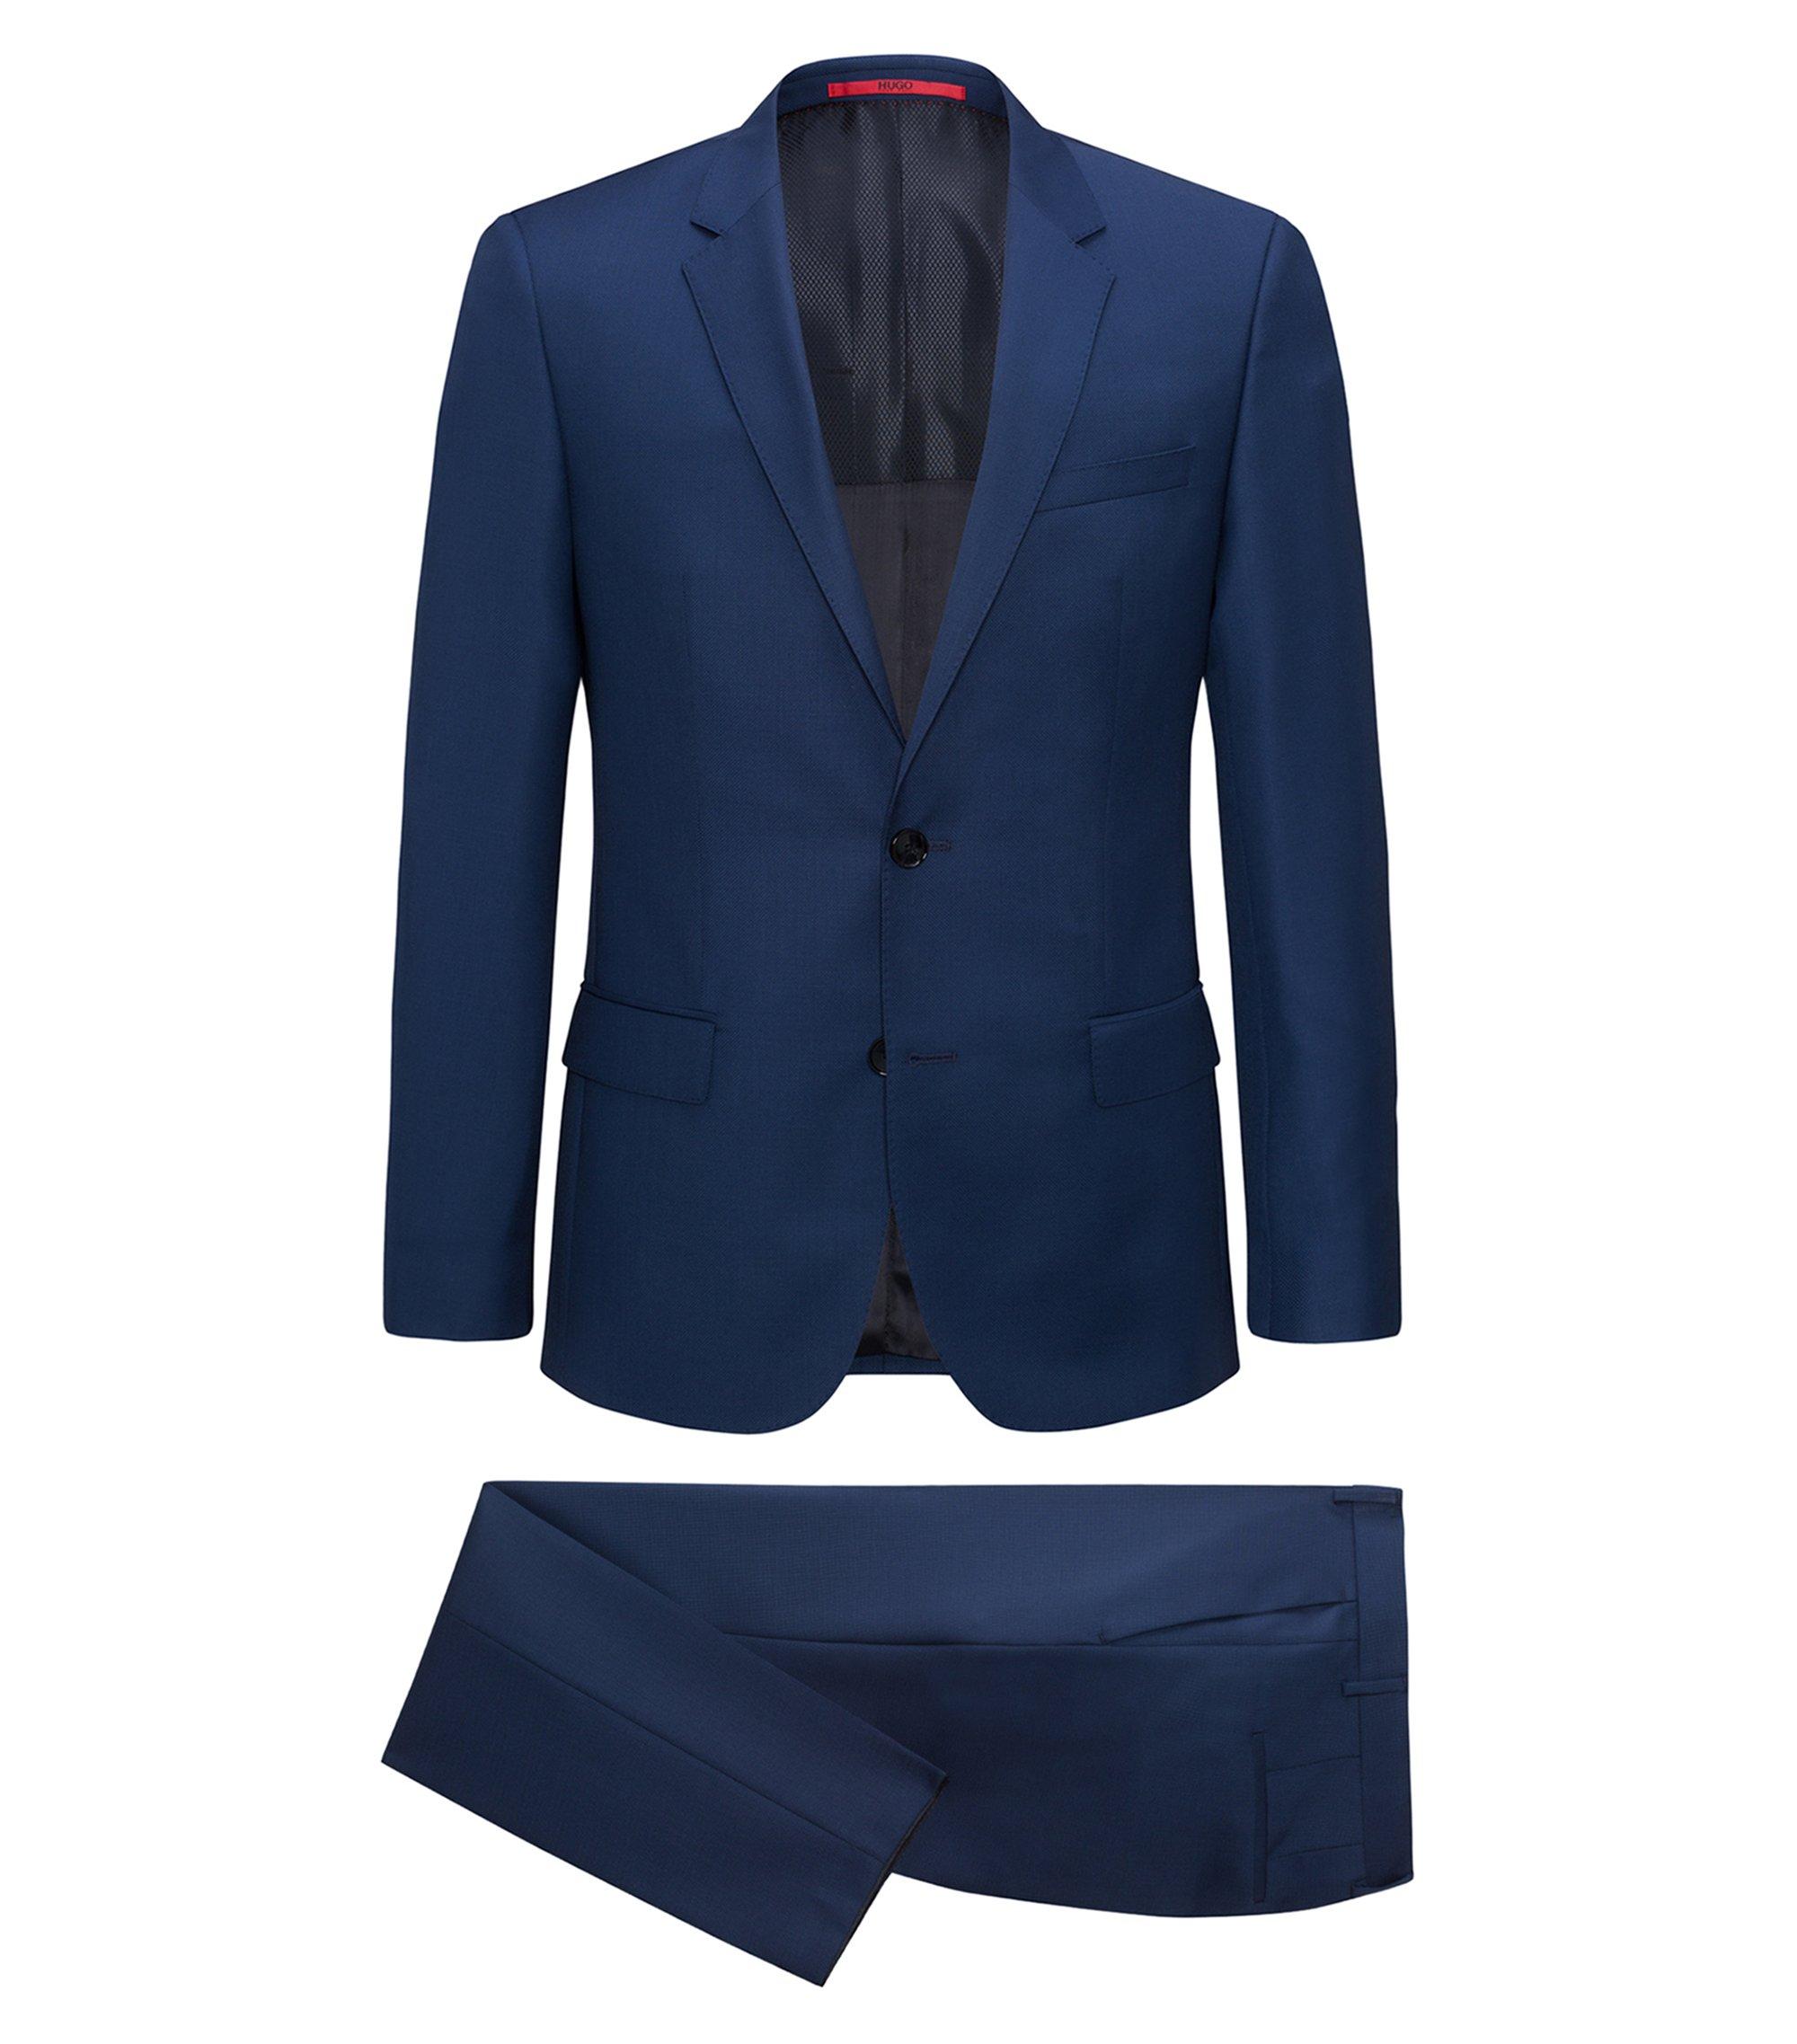 Costume Slim Fit en sergé de laine vierge tissée-teinte, Bleu